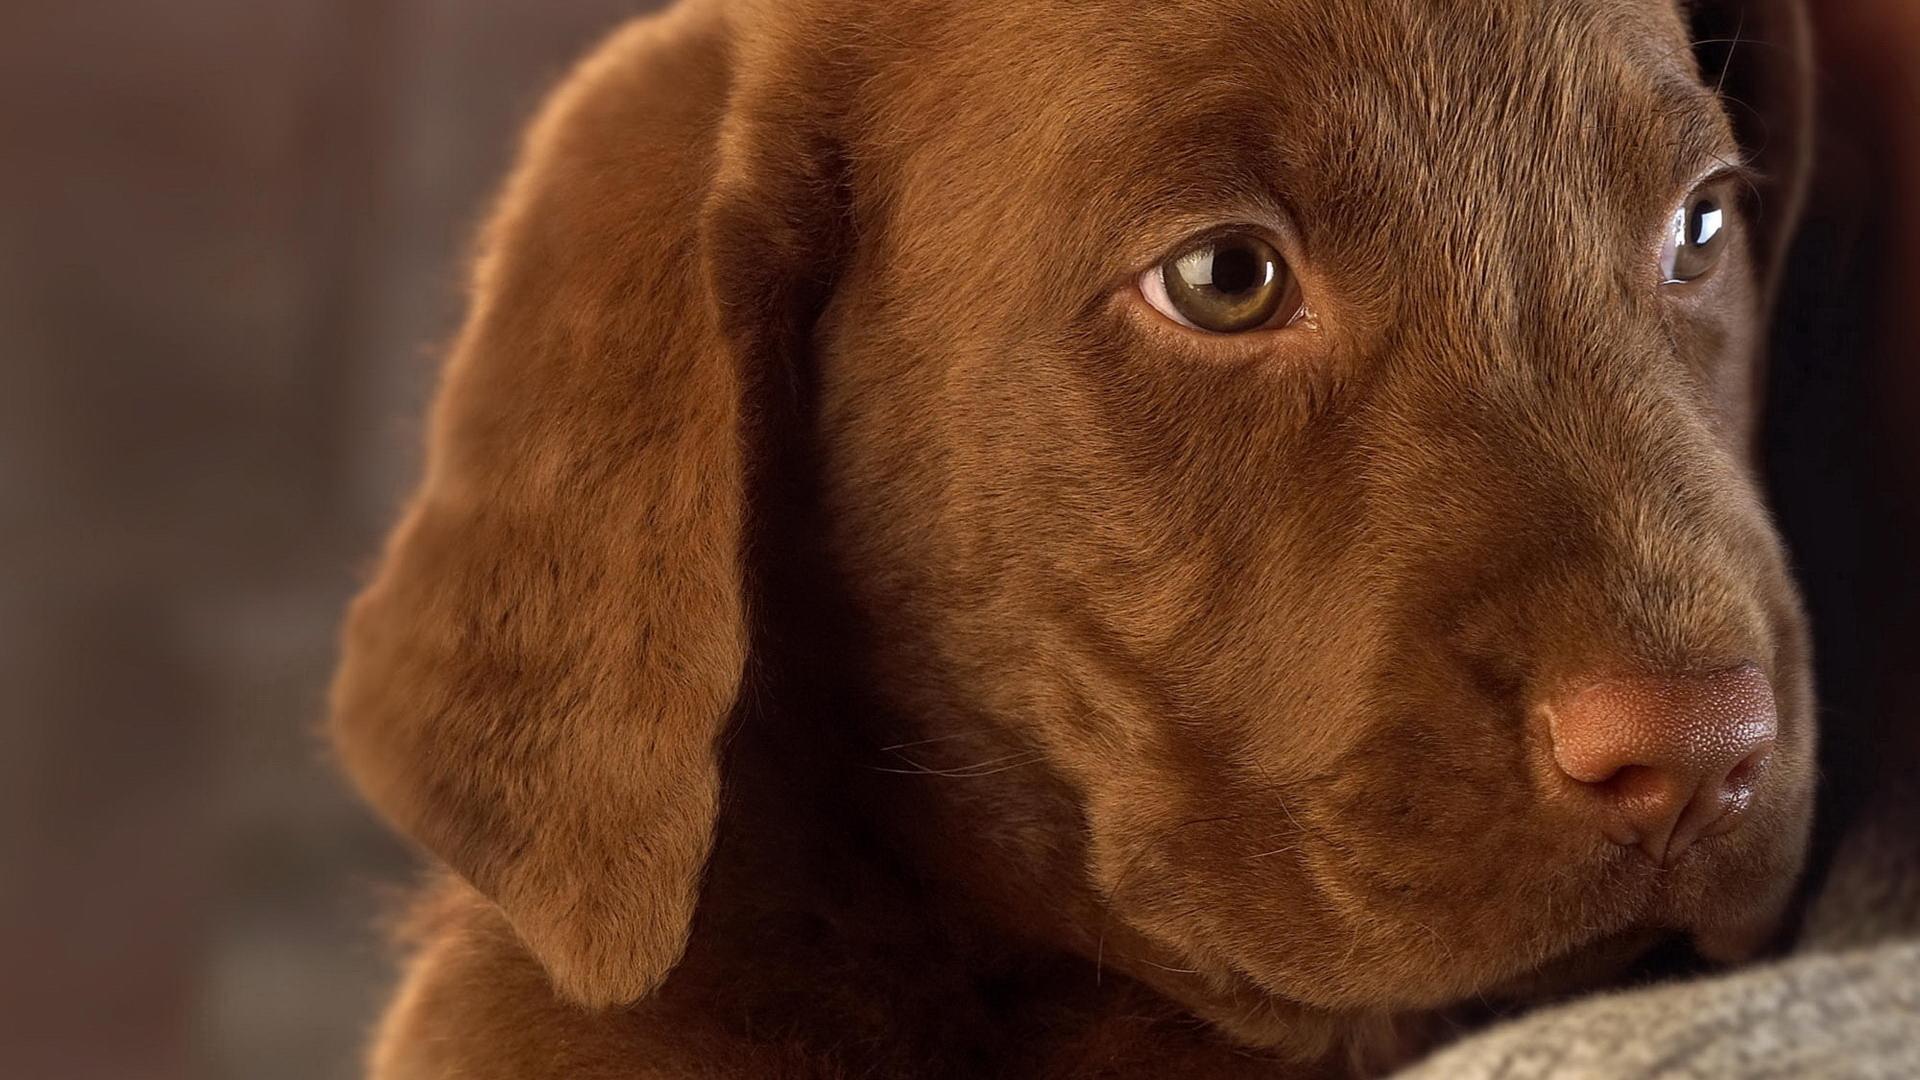 собака мордочка уши  № 1069413 бесплатно